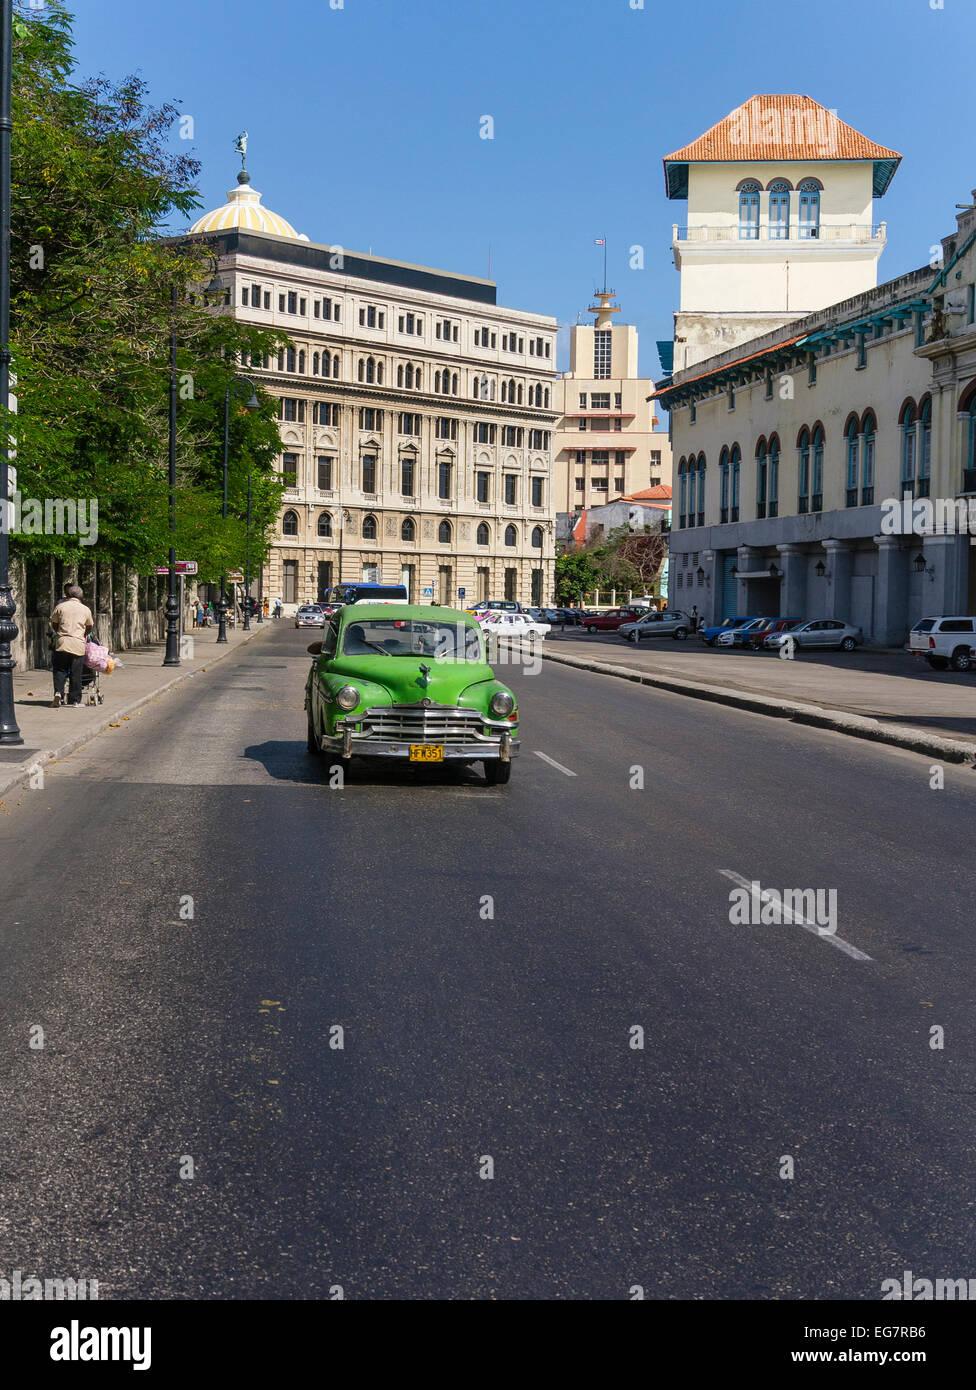 Altes grünes Auto mit orange Nummernschild fahren auf Straße in Havanna, Kuba. Stockbild